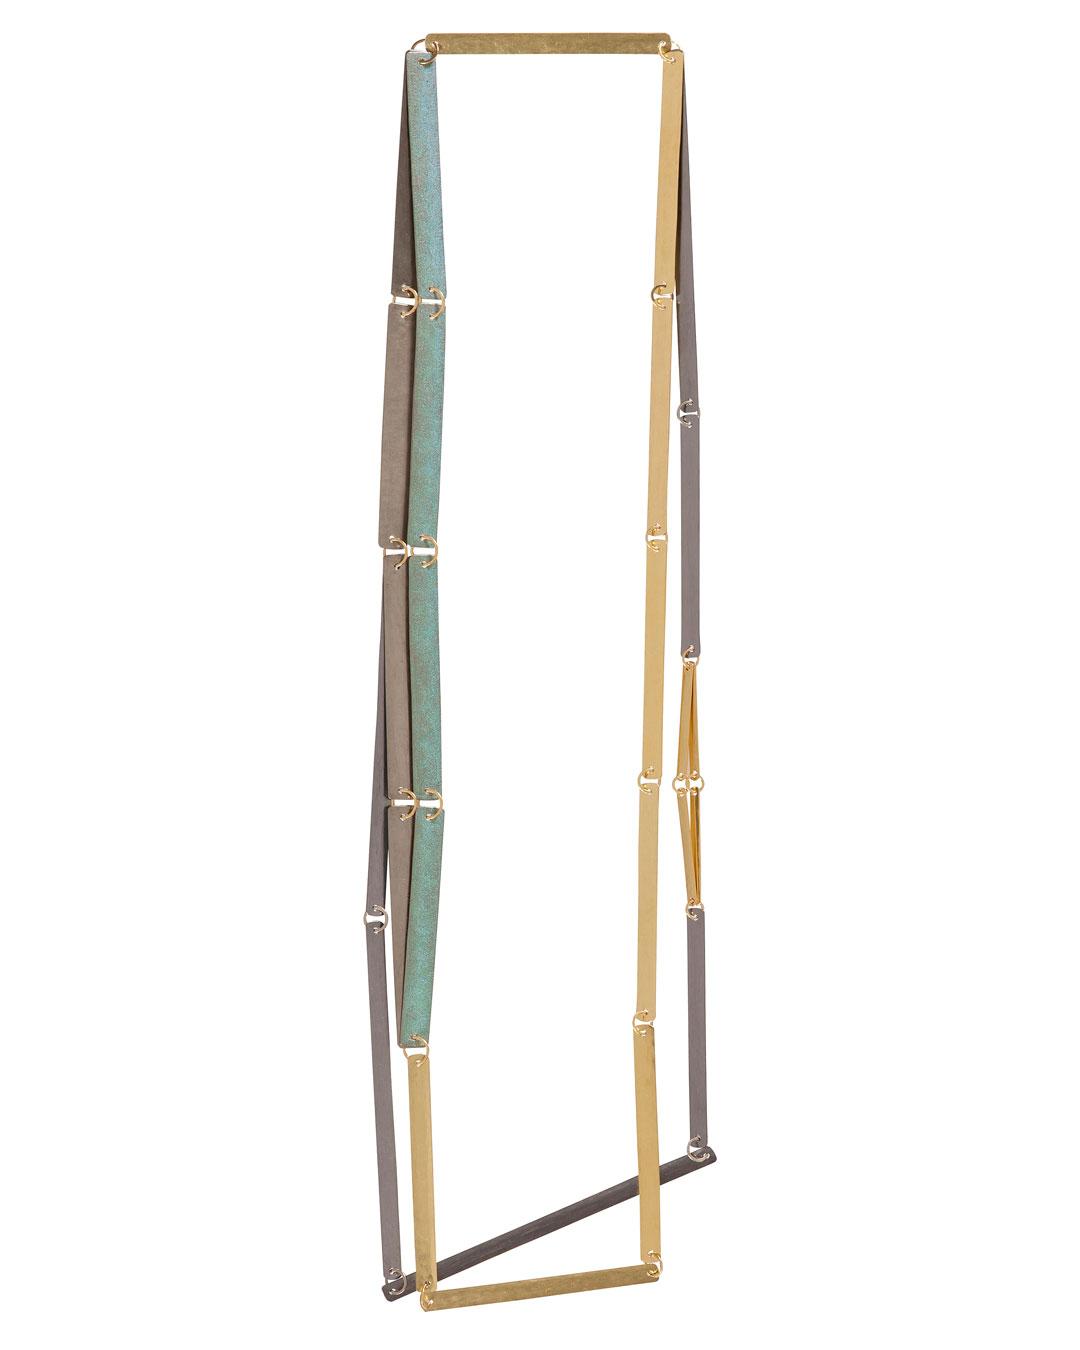 Annelies Planteijdt, Mooie stad – Collier en theedoeken (Beautiful City - Necklace with Tea Towels), 2017, necklace; gold, tantalum, titanium, pigment, 180 x 360 mm, €7450 (image 2/3)